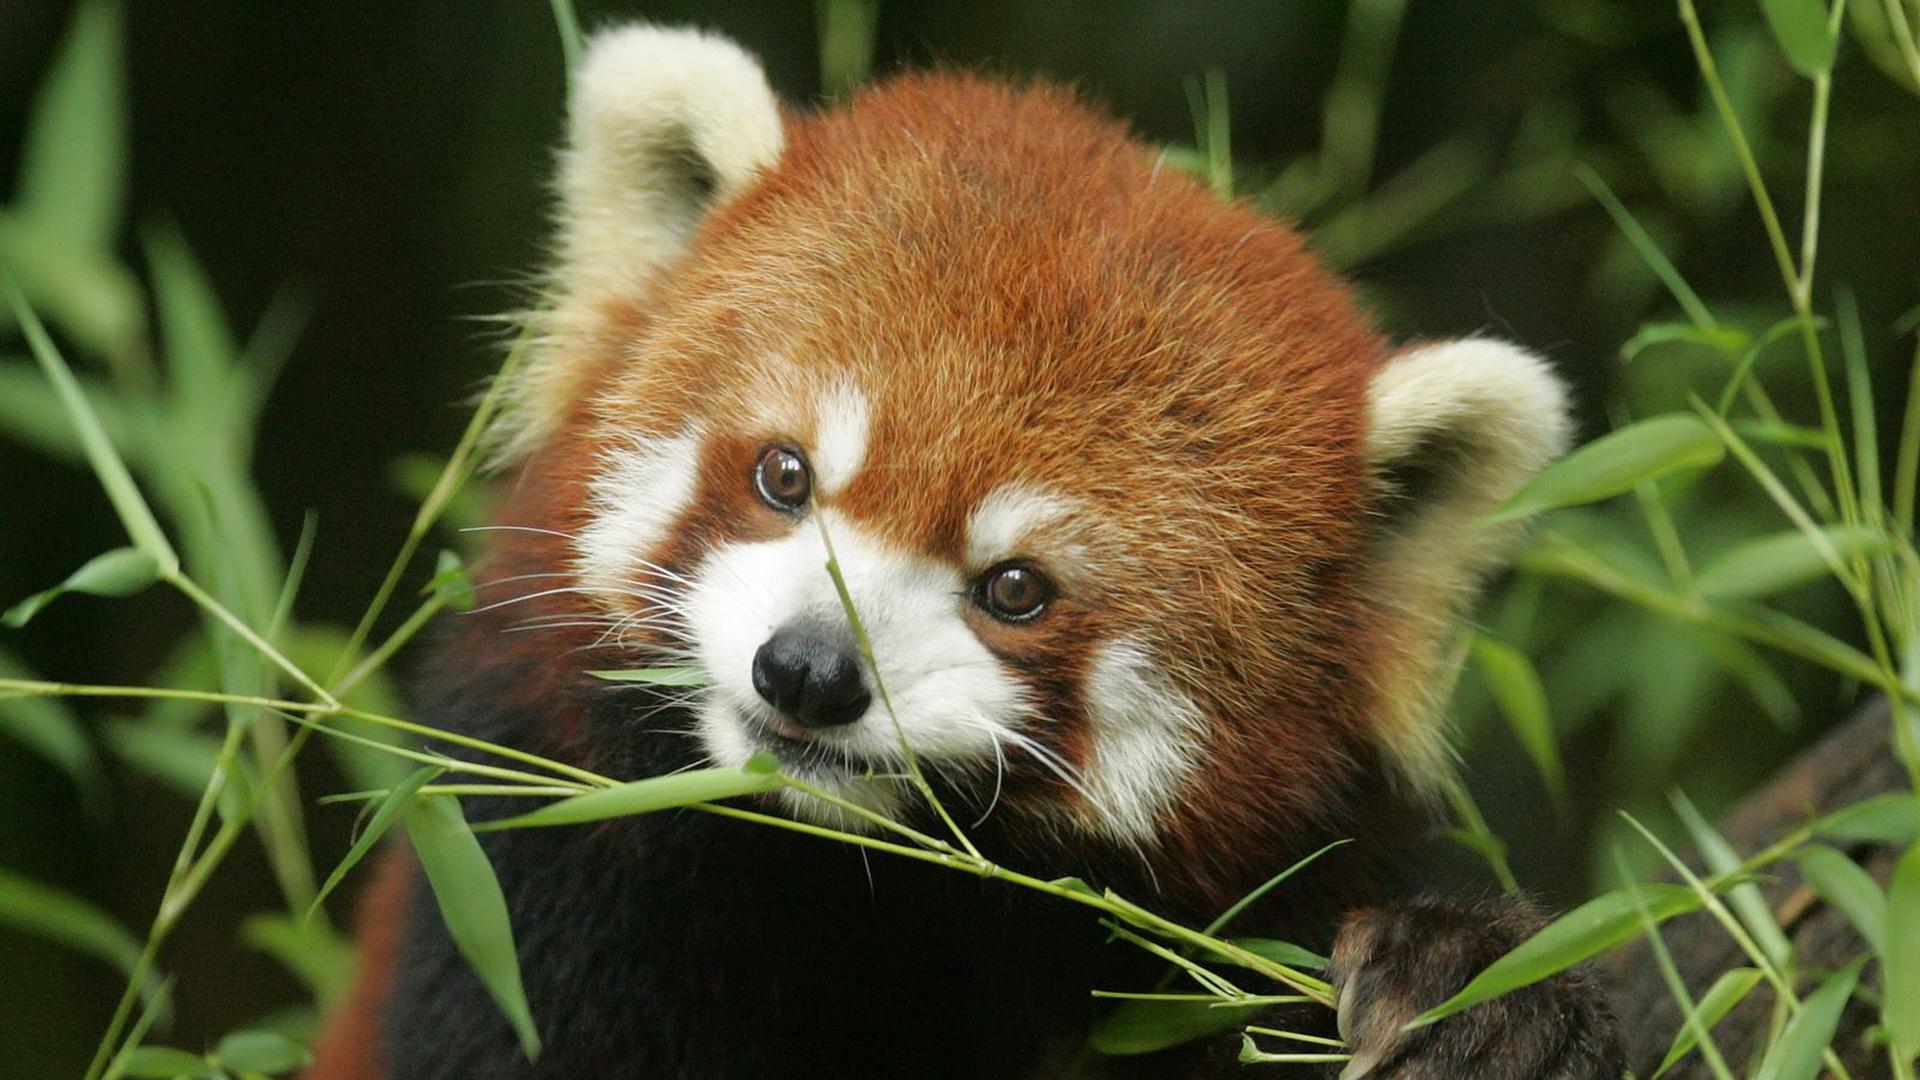 Wallpaper red panda red panda funny cute muzzle desktop wallpaper 1920x1080